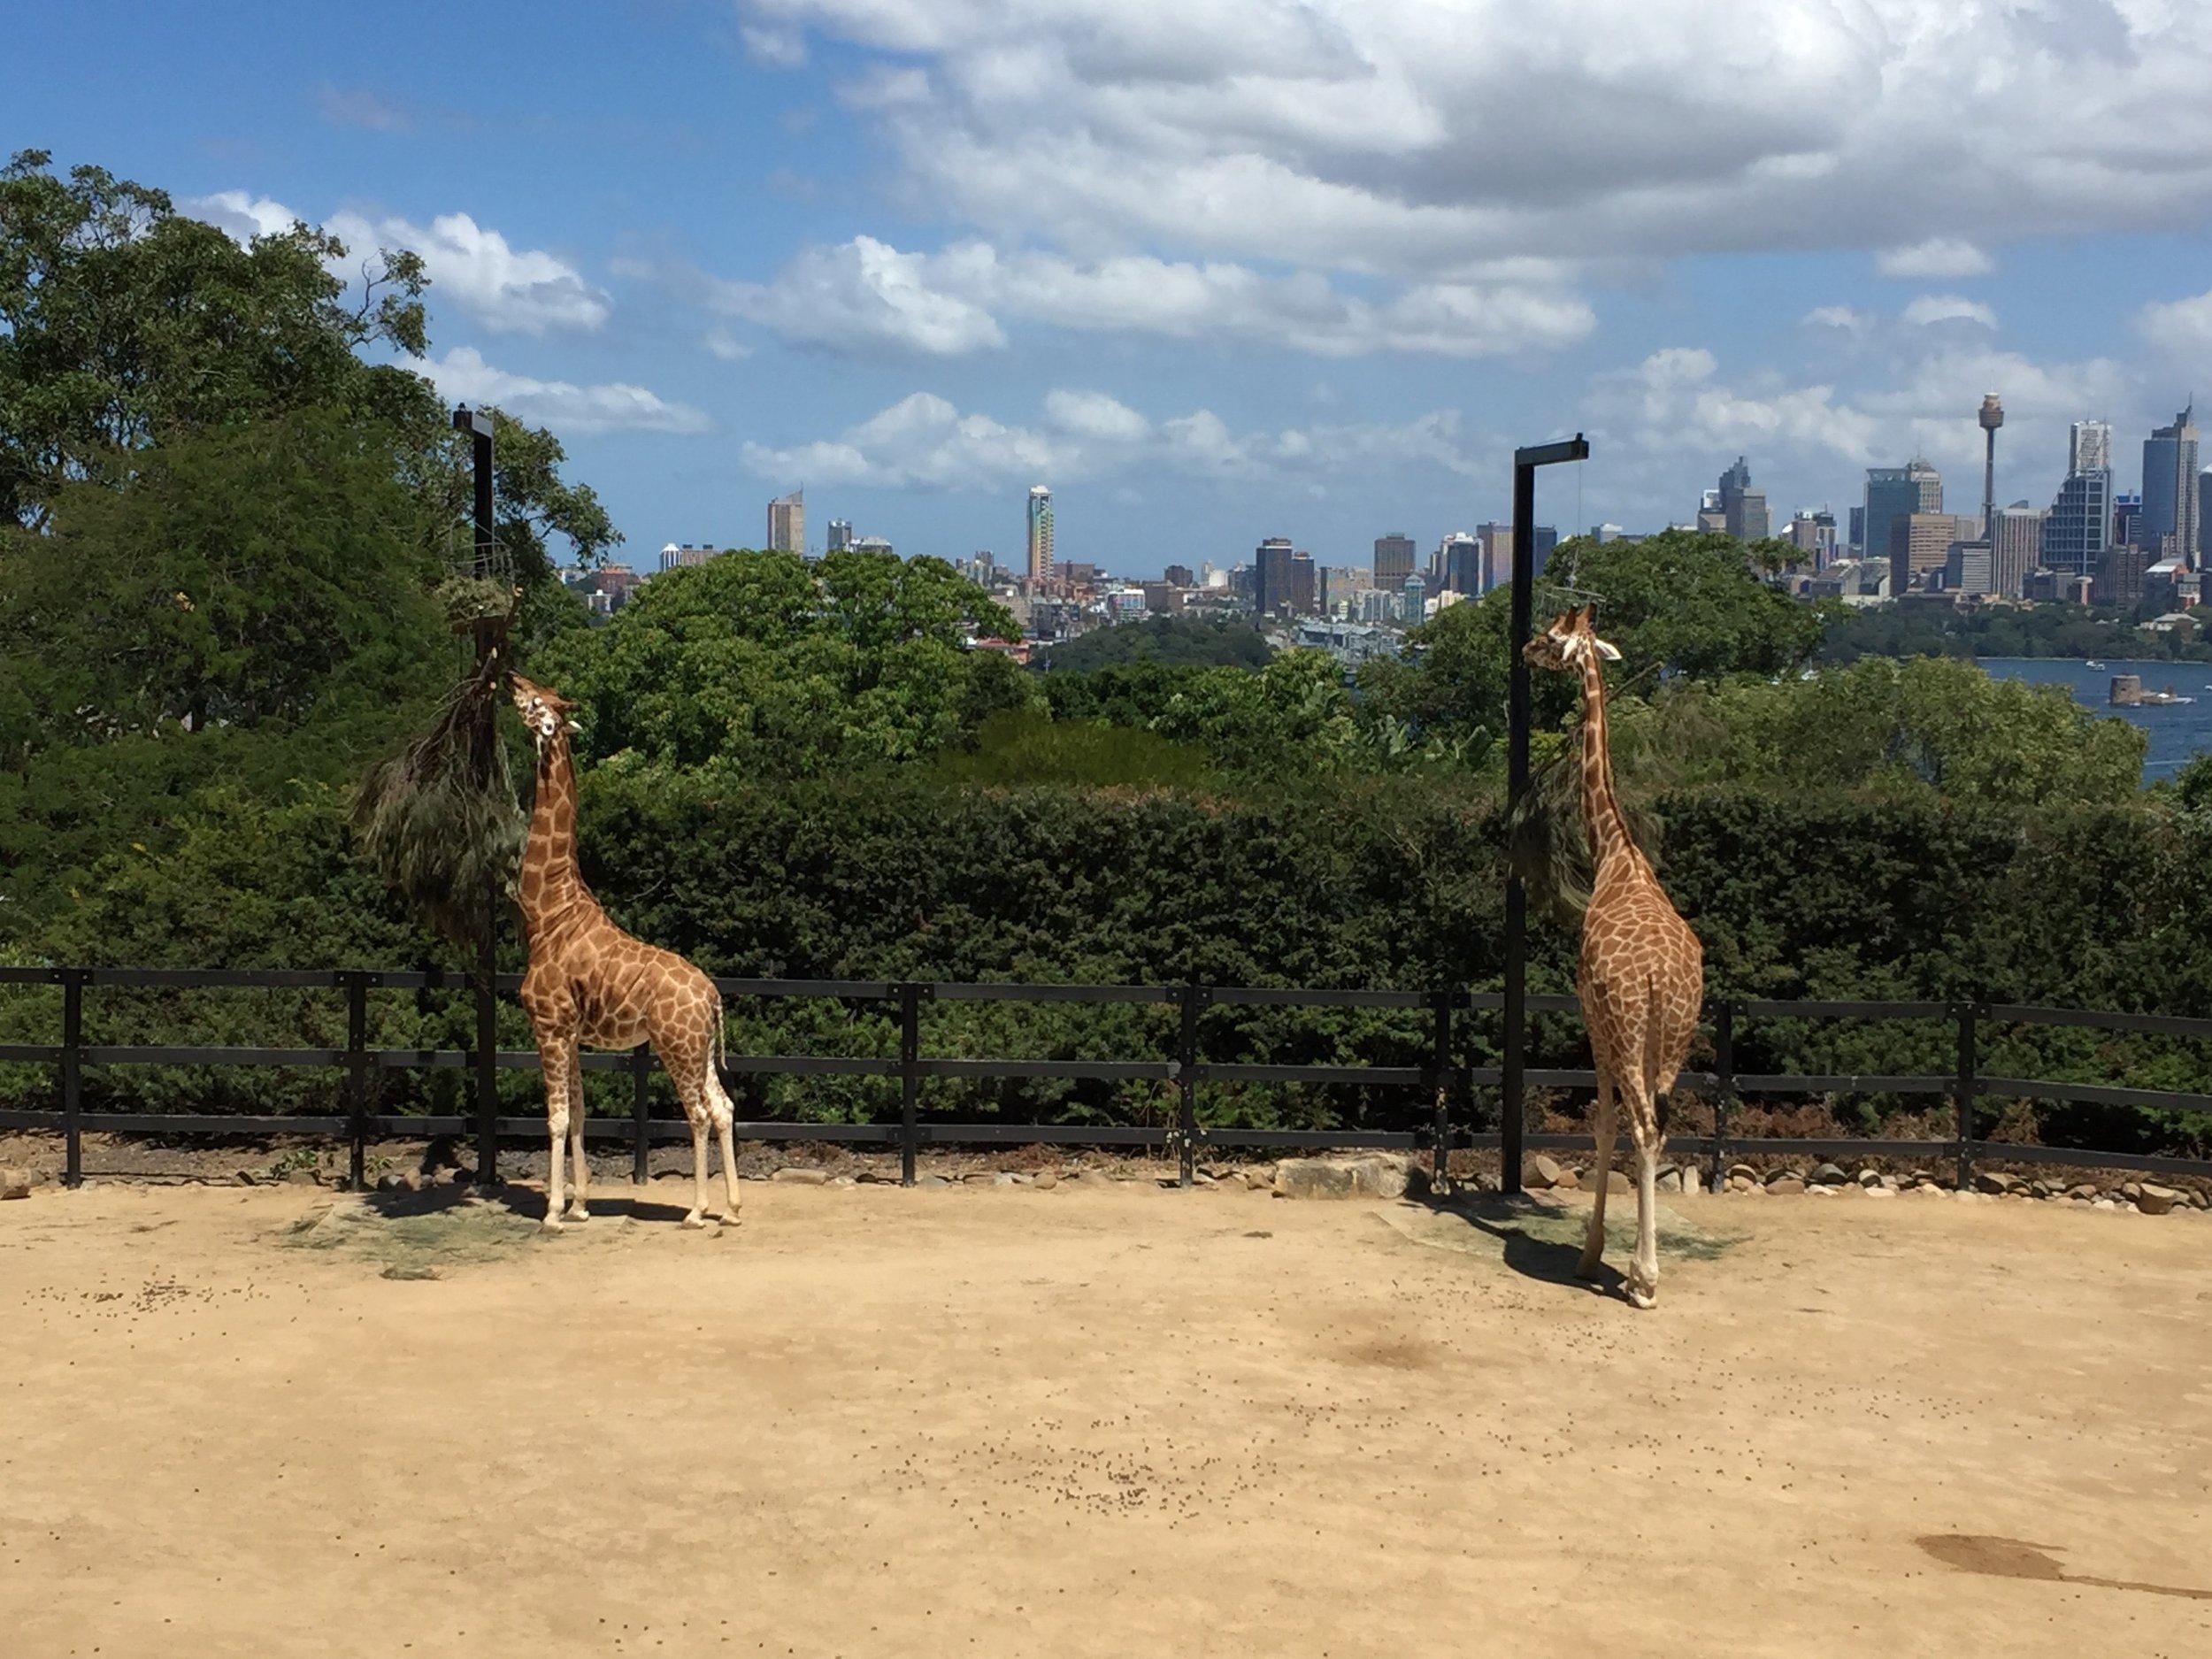 Giraffen Taronga Zoo.jpg